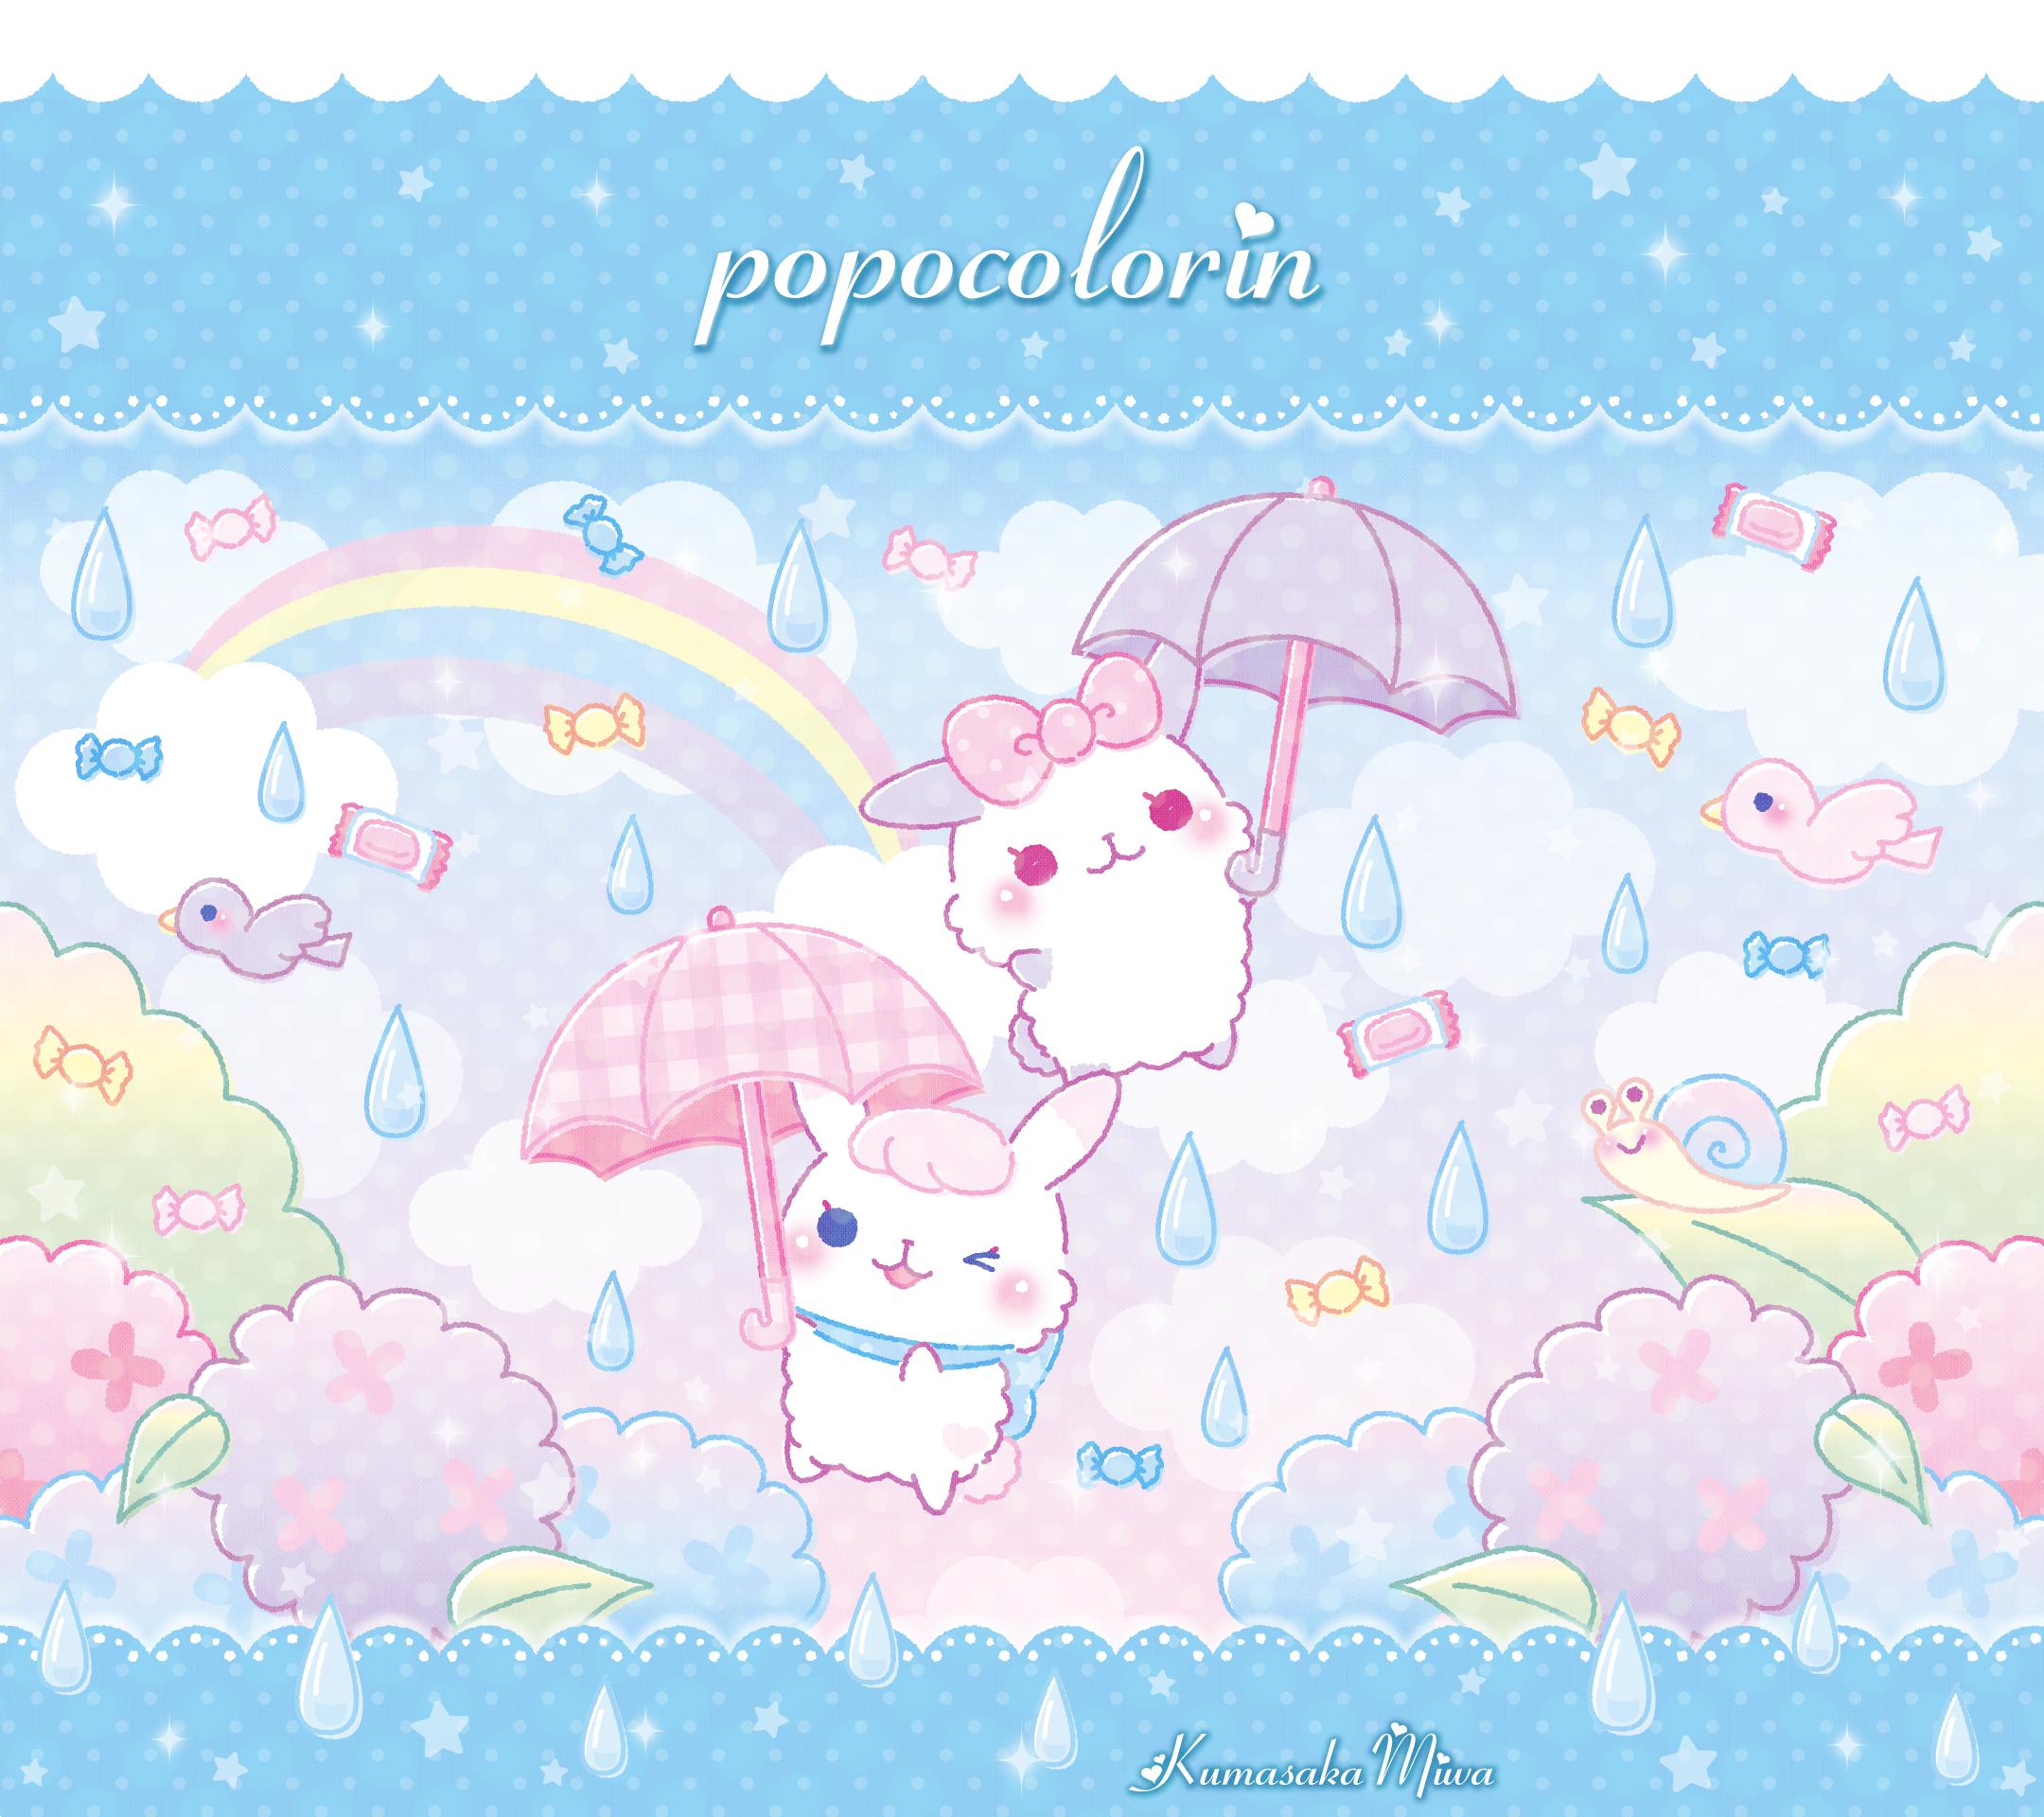 壁紙 ぽぽころりん 梅雨と虹 うさぎのぽぽころりん